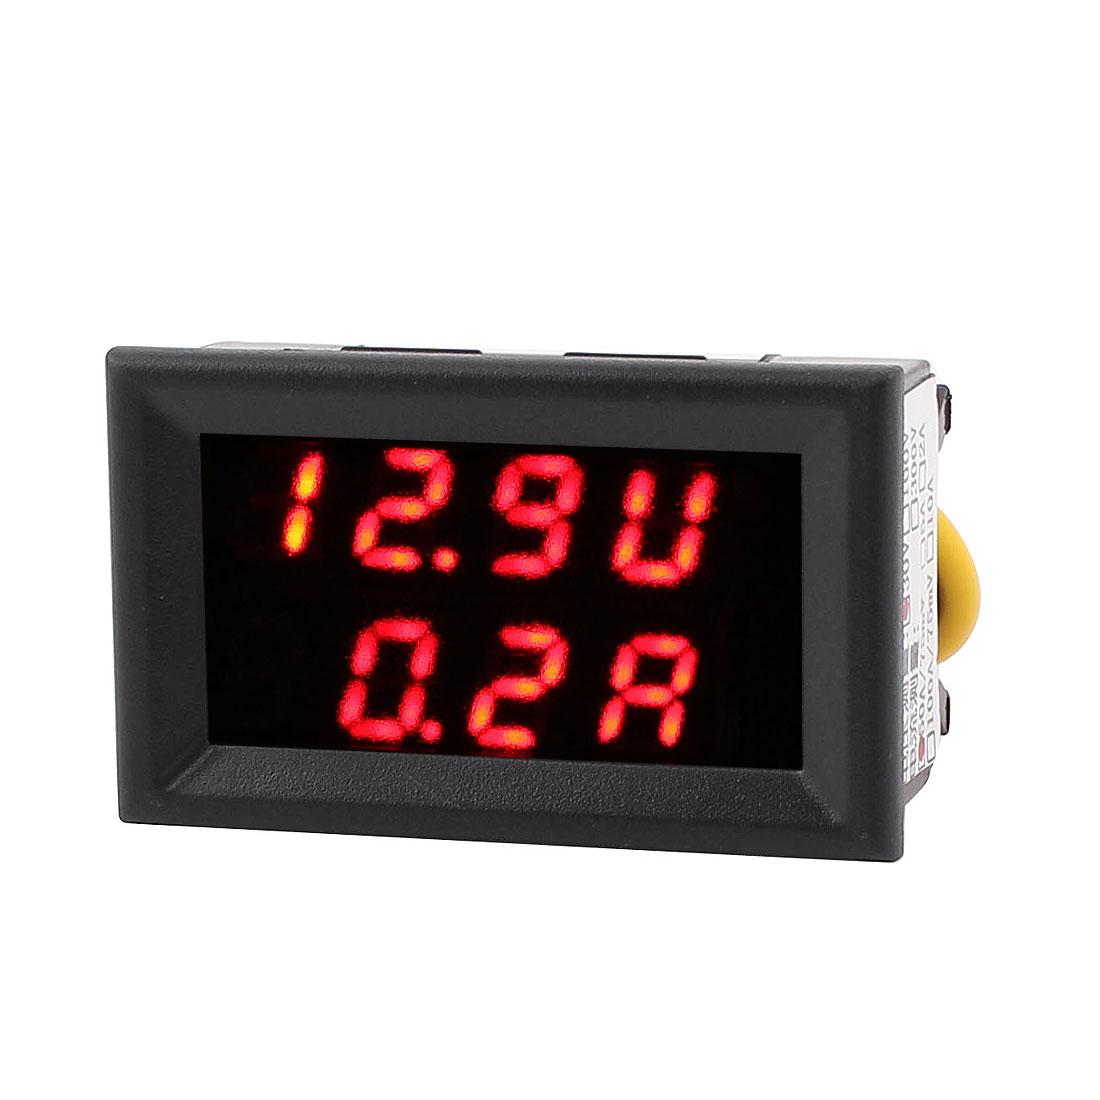 DC 4-30V 0-50A Battery Tester Monitor Dual LED Digital Voltage Current Meter